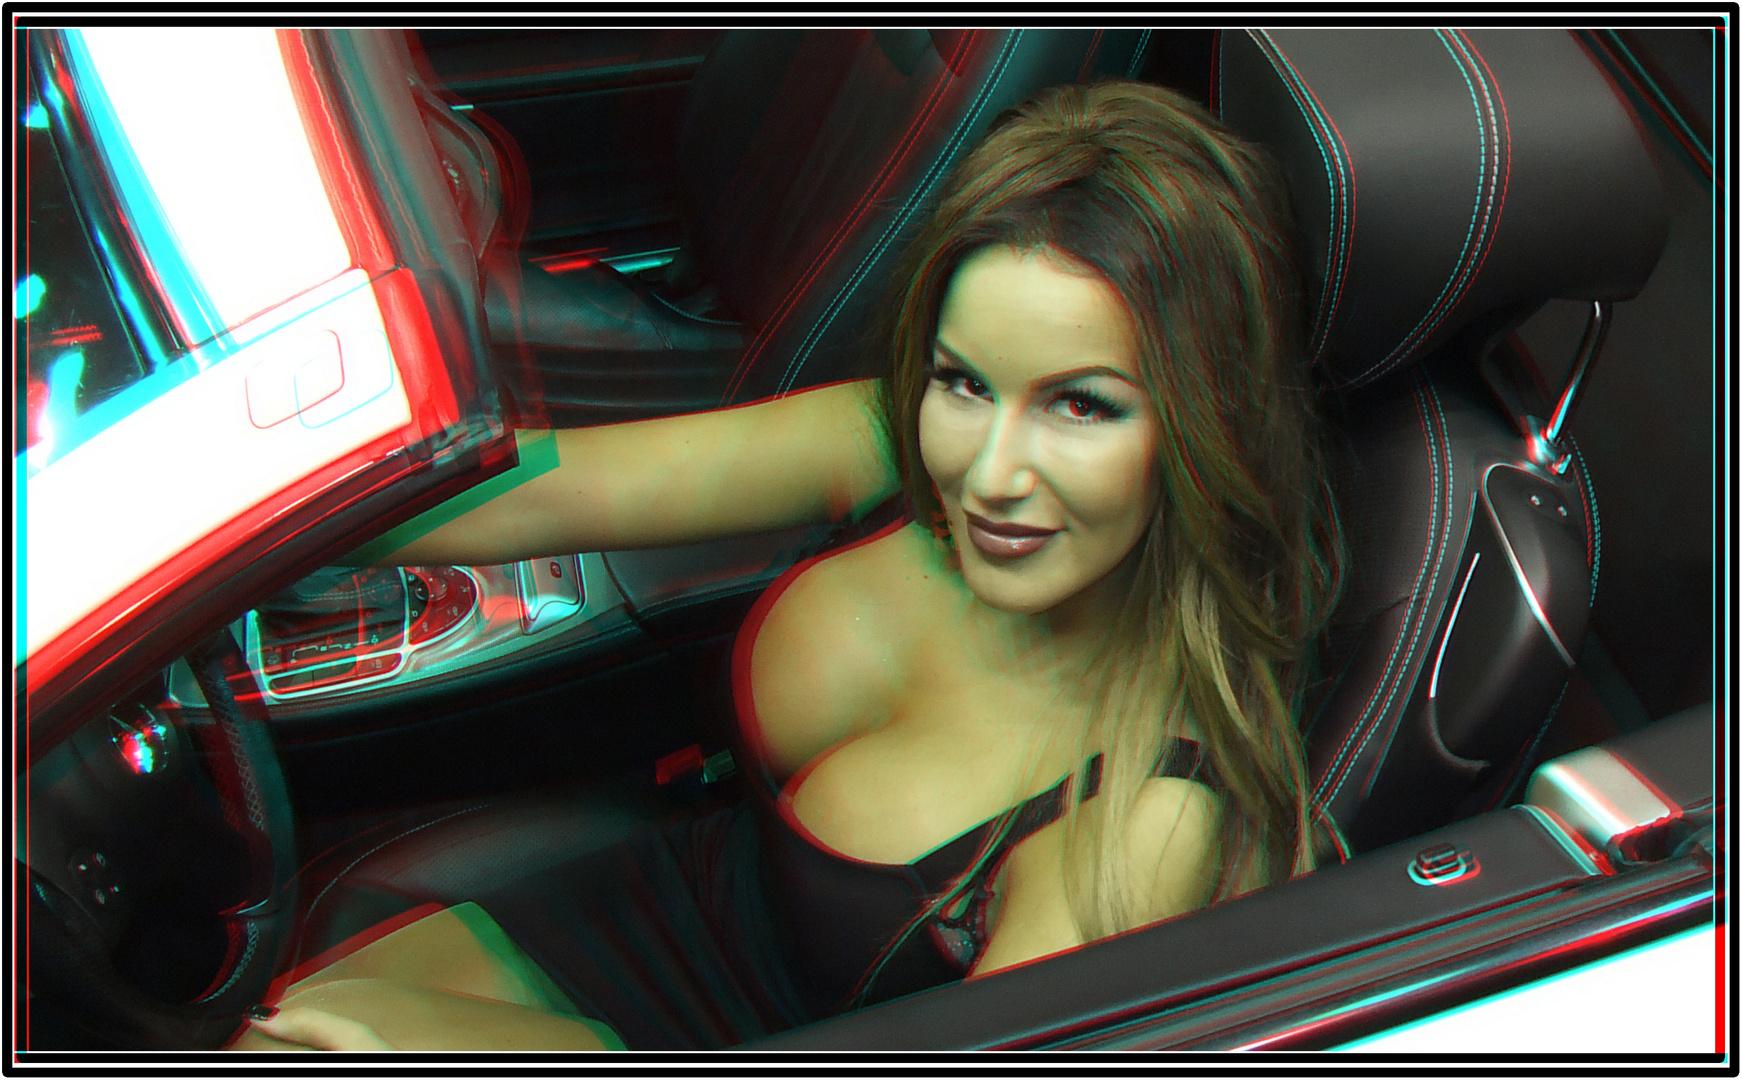 Einblick in das Porsche Cockpit (Motorshow Essen 2013)